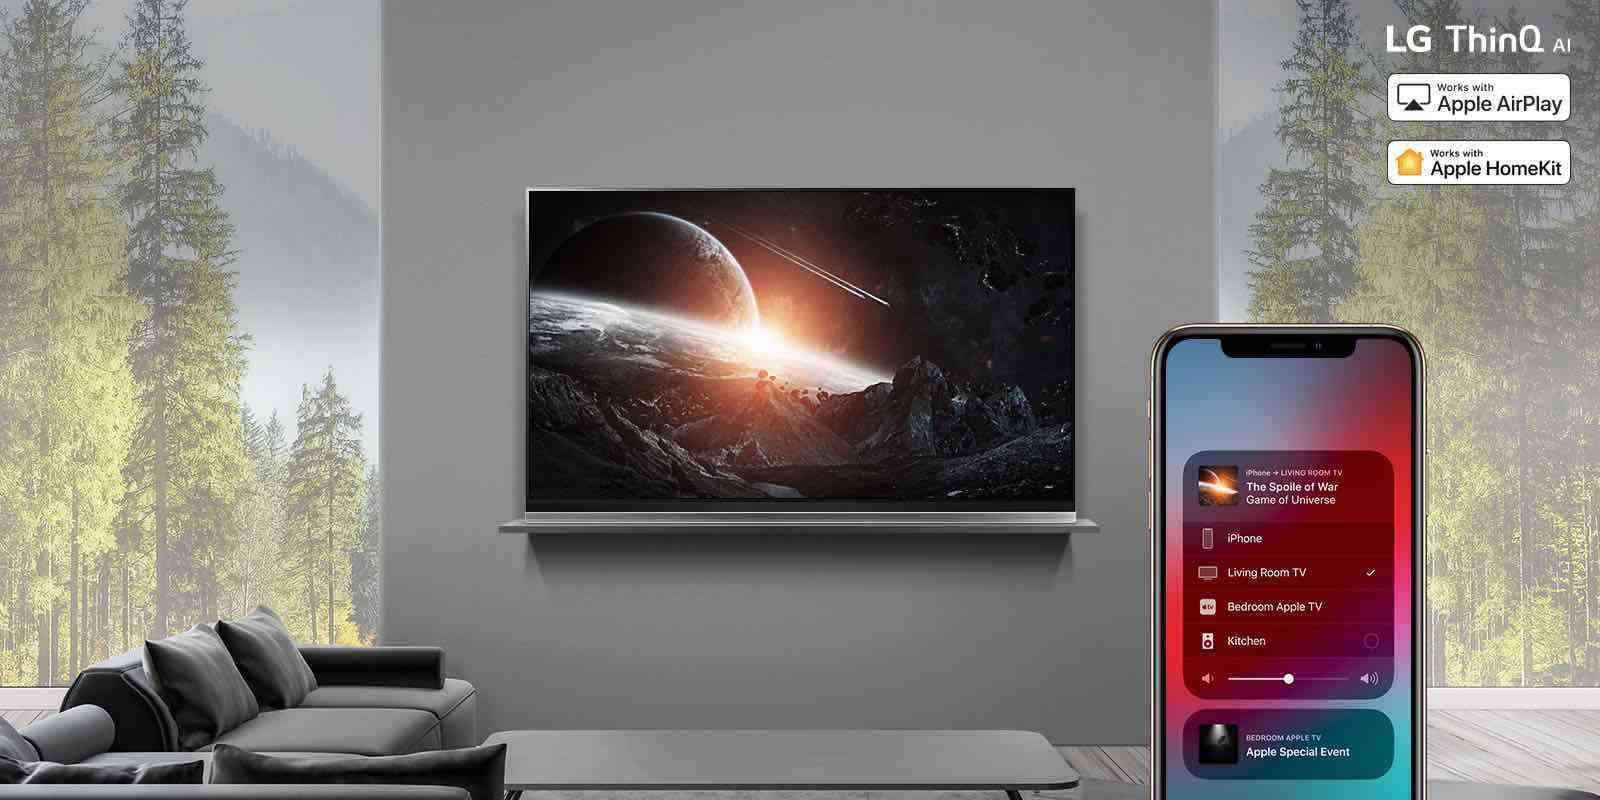 Televizory LG se dočkají důležité aktualizace. Podporují AirPlay 2 a HomeKit